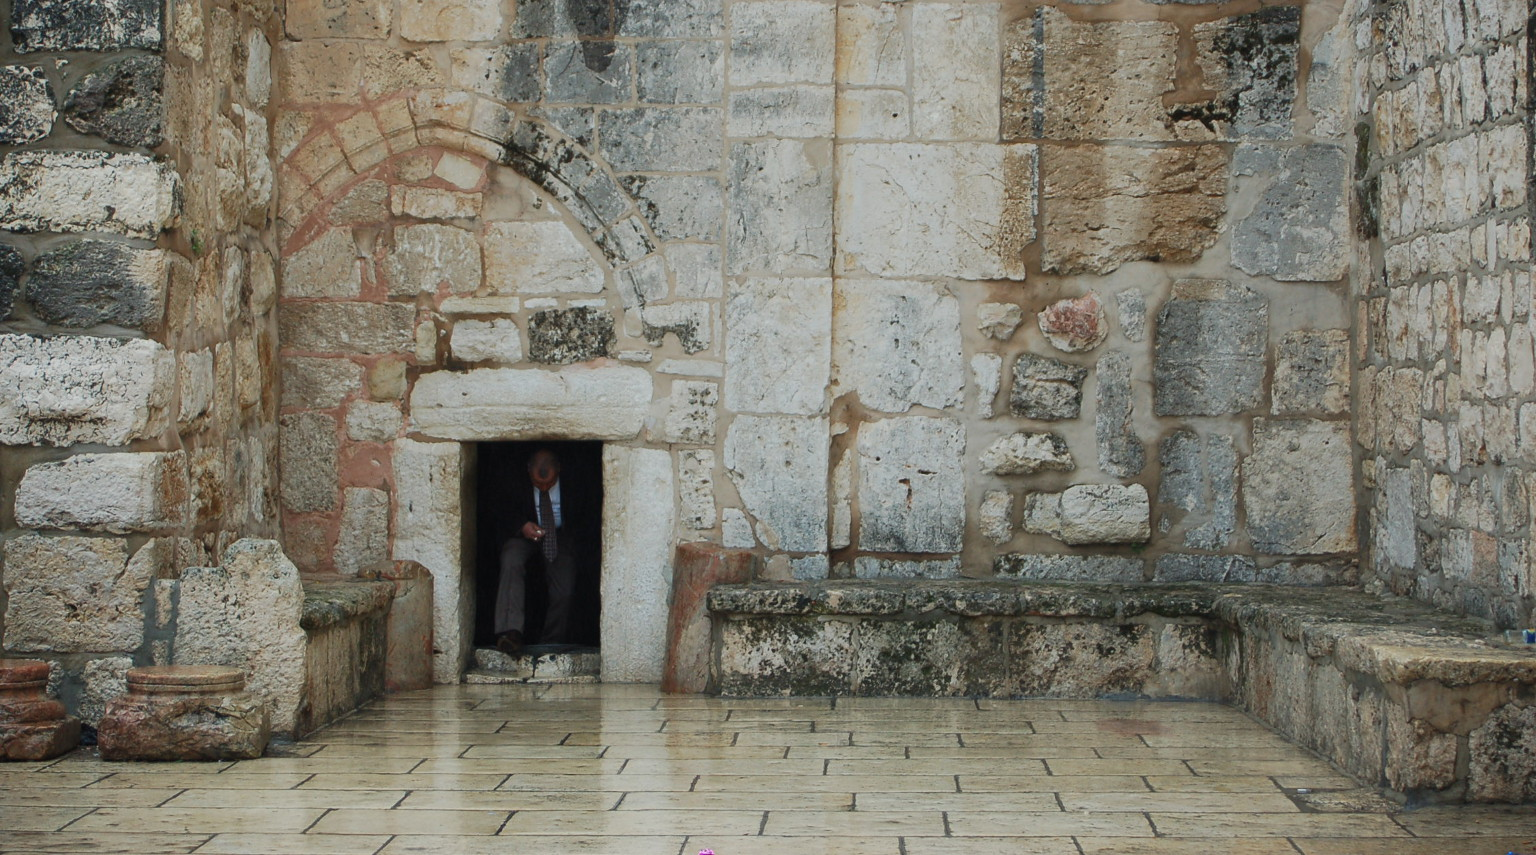 Drzwi Pokory - wejście do bazyliki Narodzenia Pańskiego w Betlejem